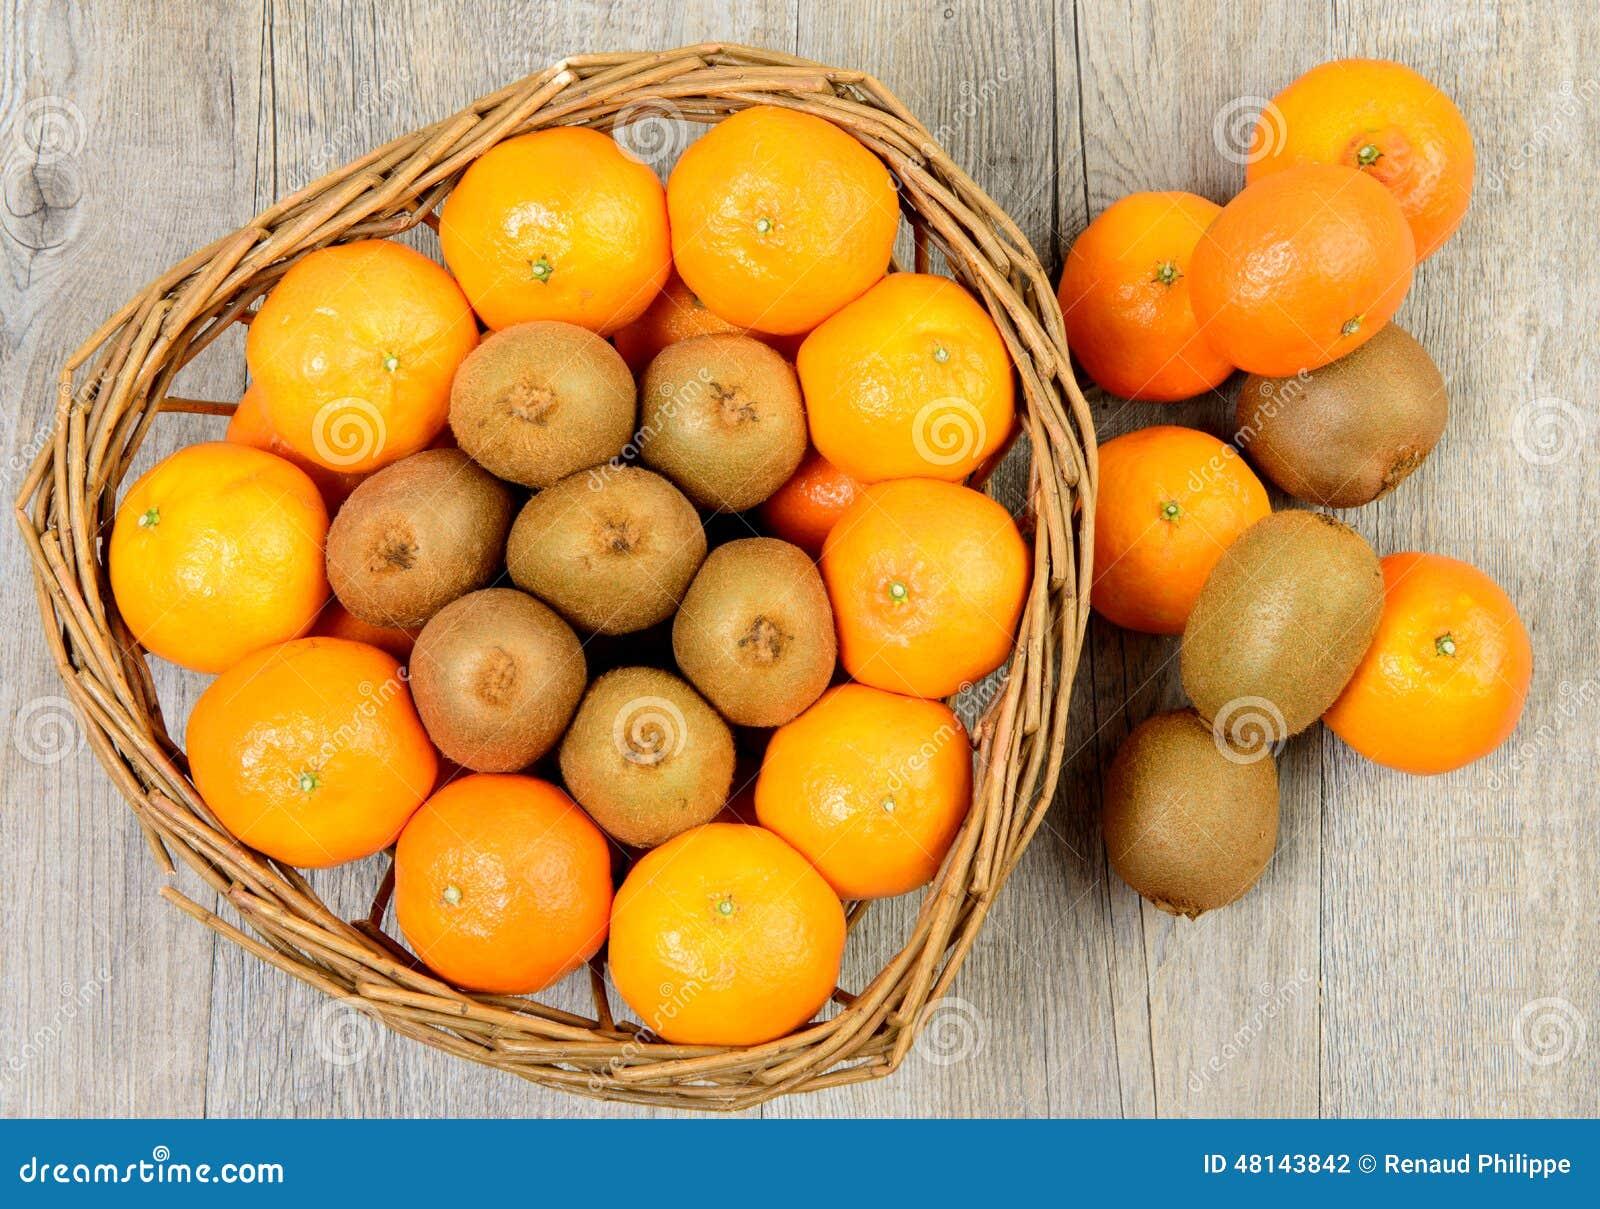 Tangerins and kiwis